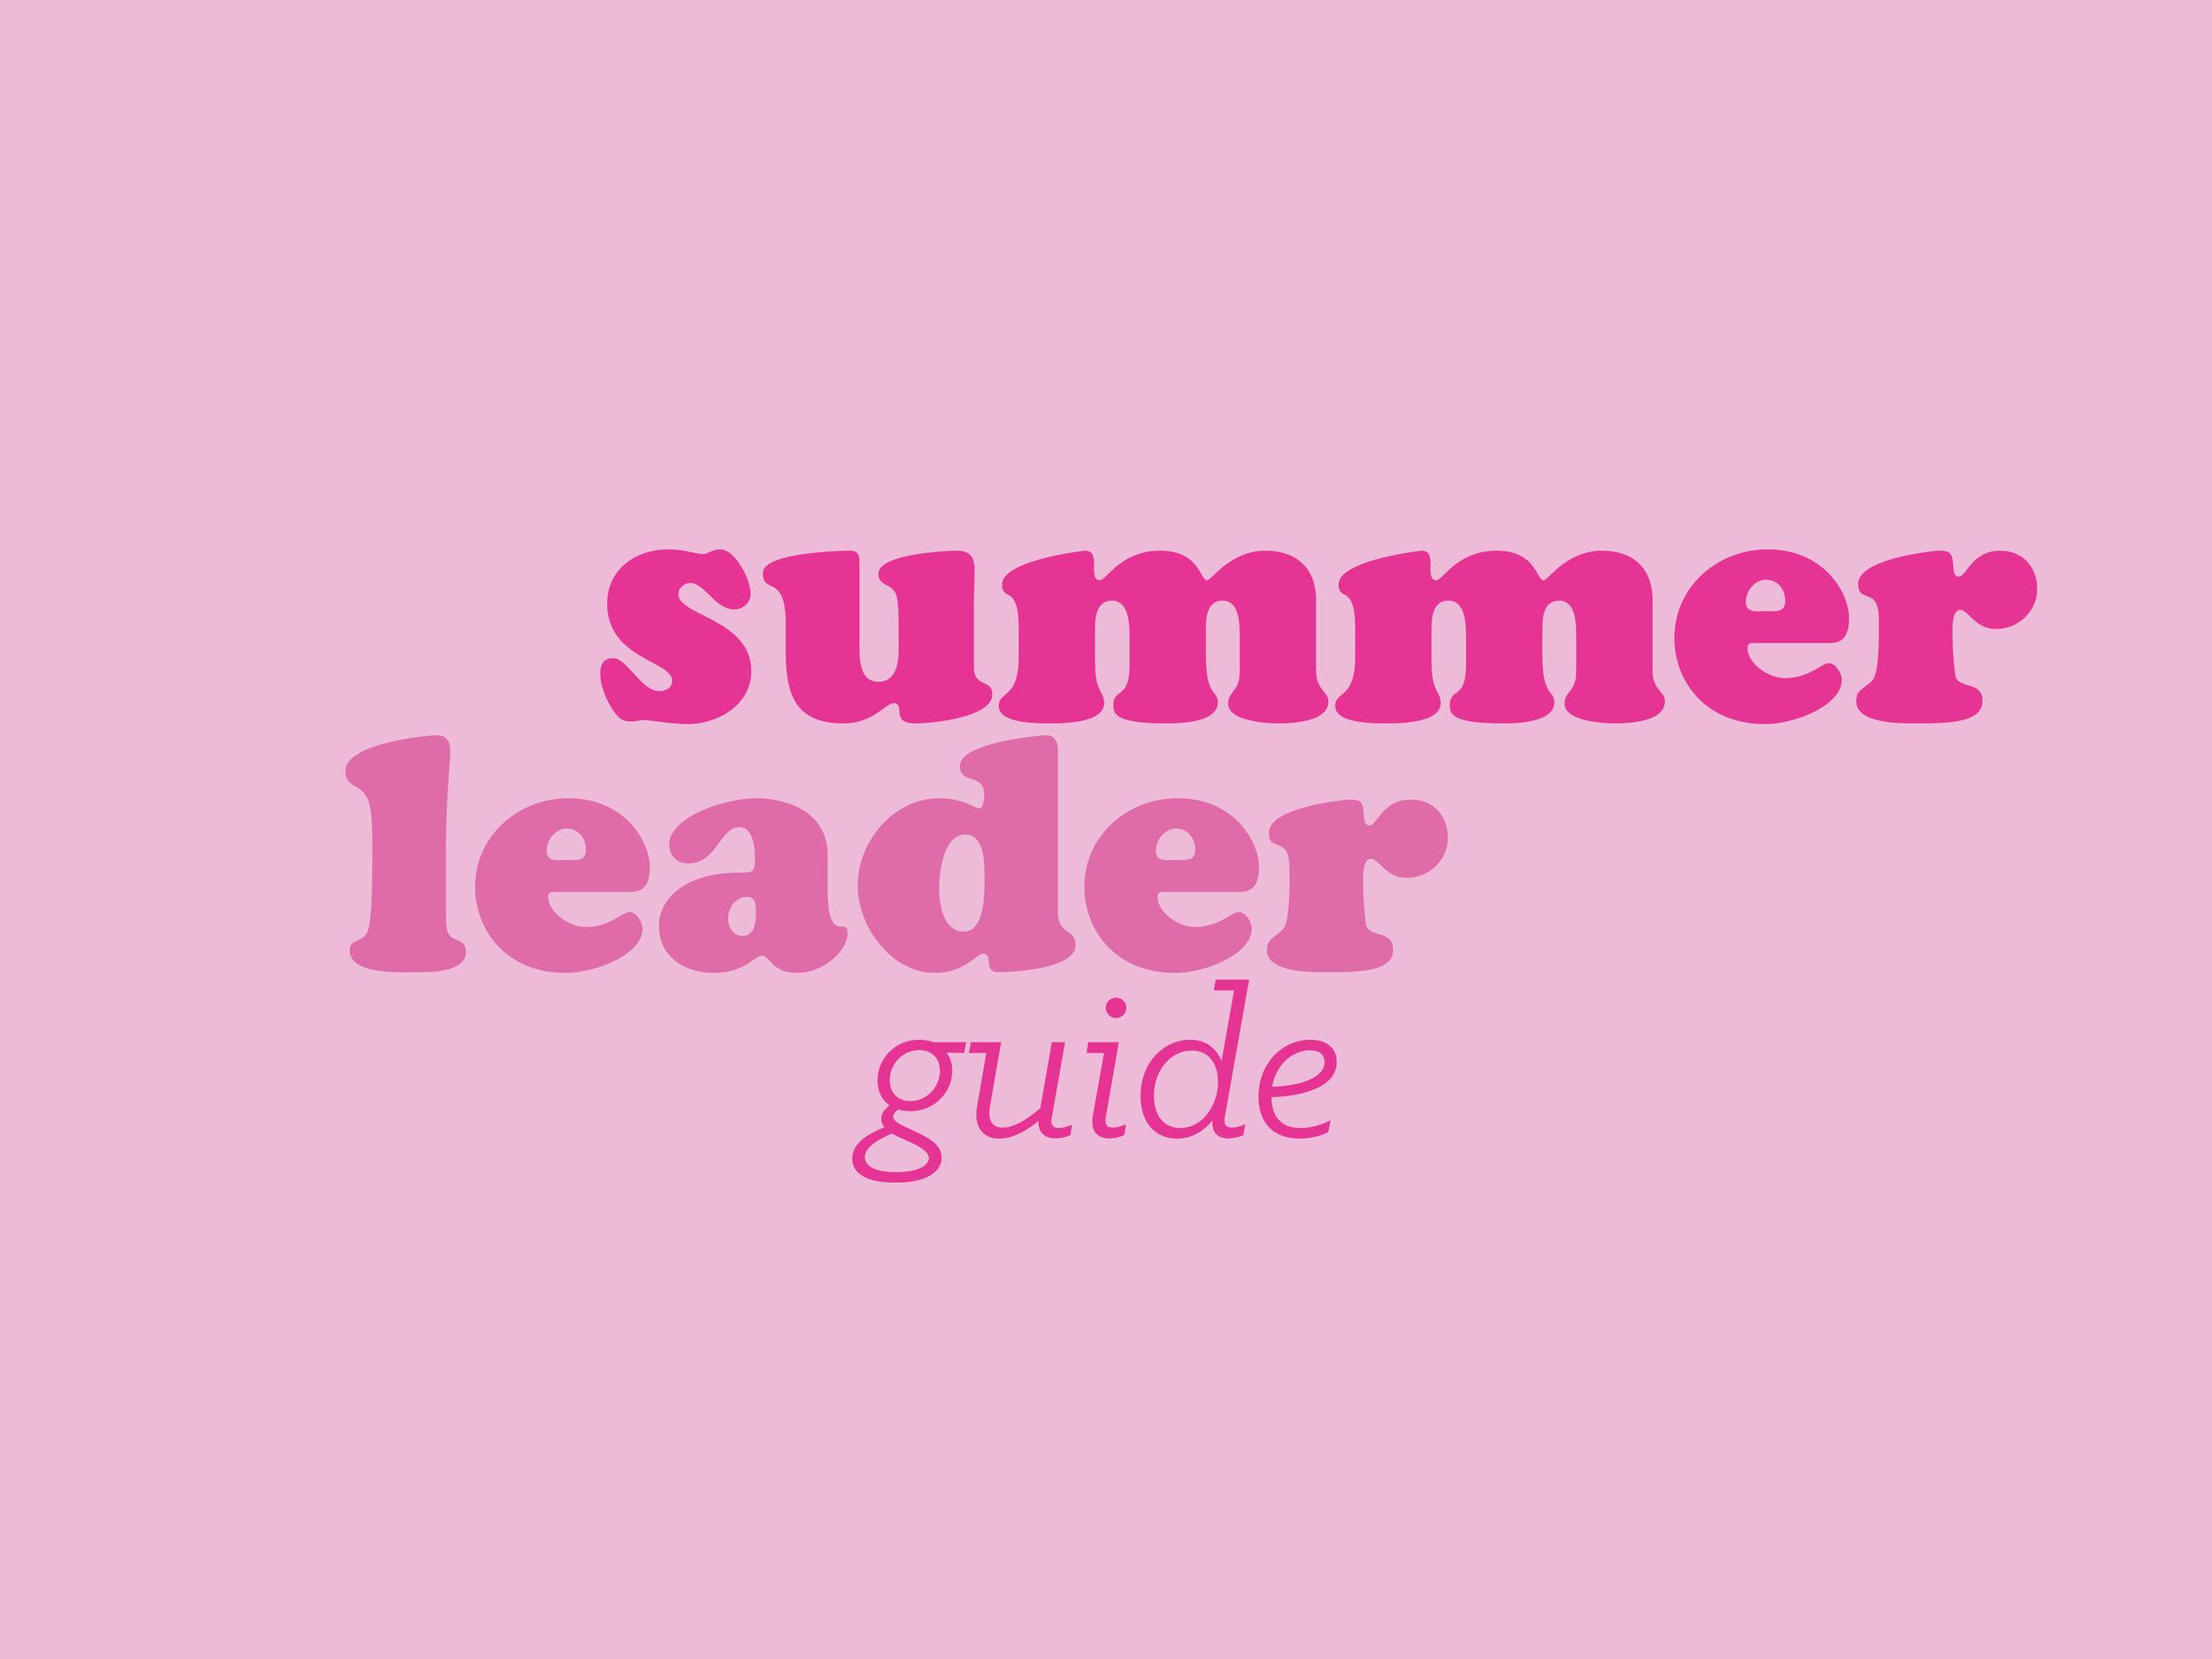 summer leader guide.jpg